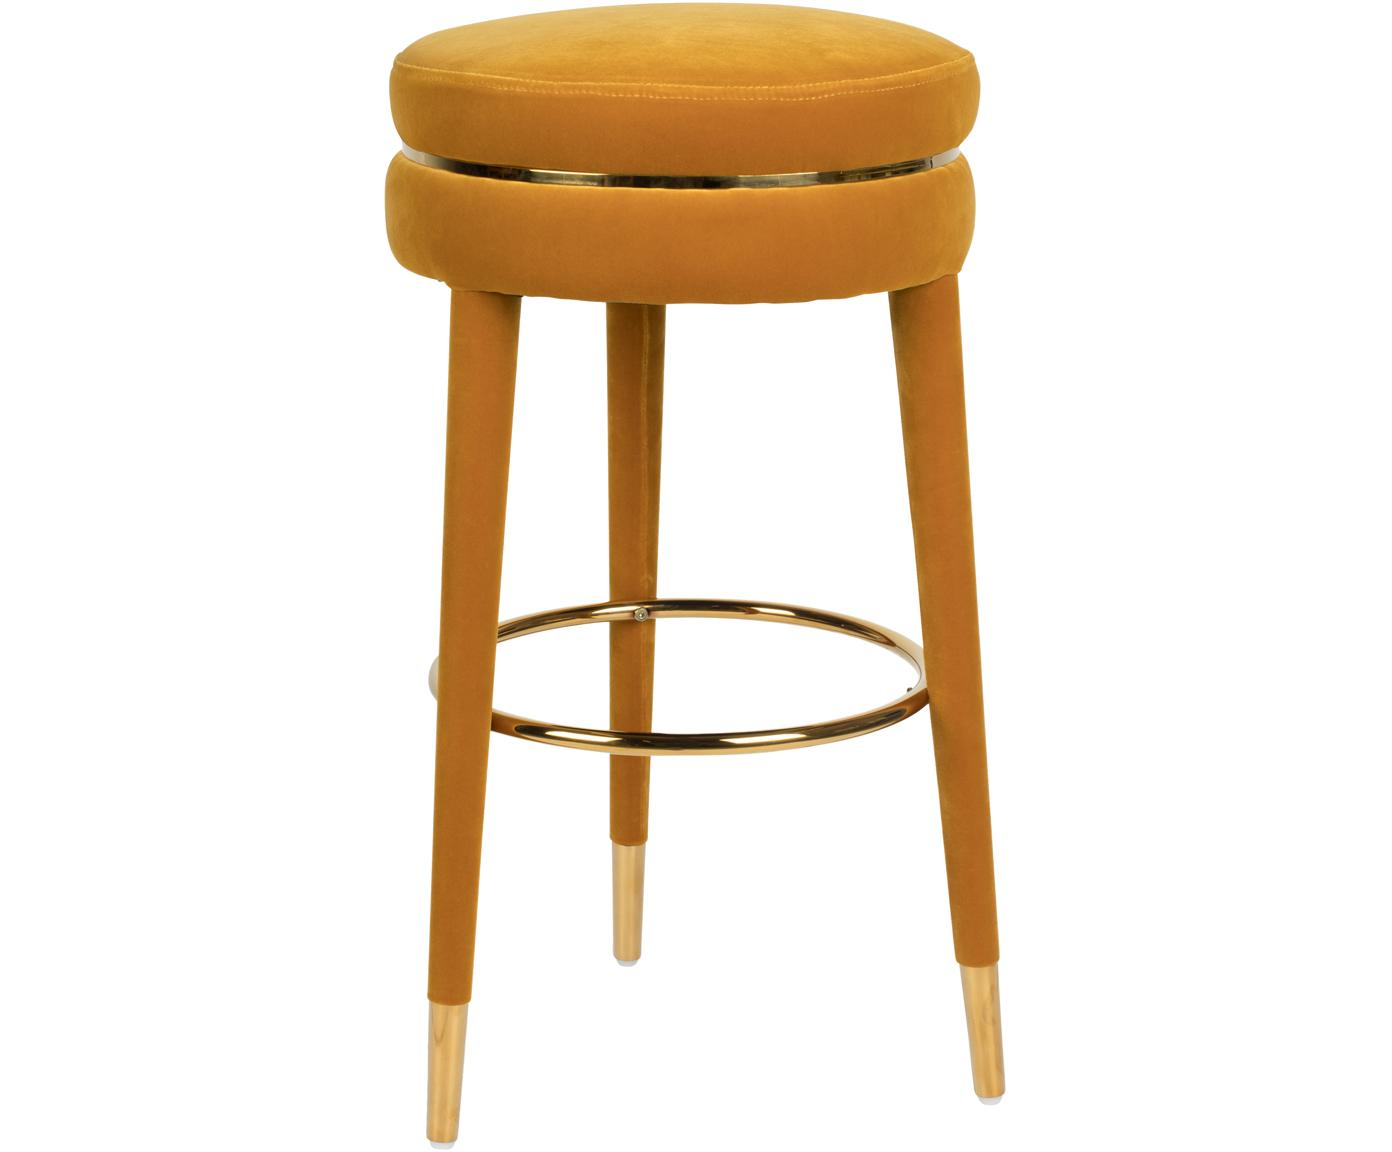 Samt-Barhocker I Am Not A Macaron, Bezug: Polyestersamt 30.000 Sche, Gestell: Gummibaumholz mit Samtübe, Ockergelb, Ø 41 x H 78 cm